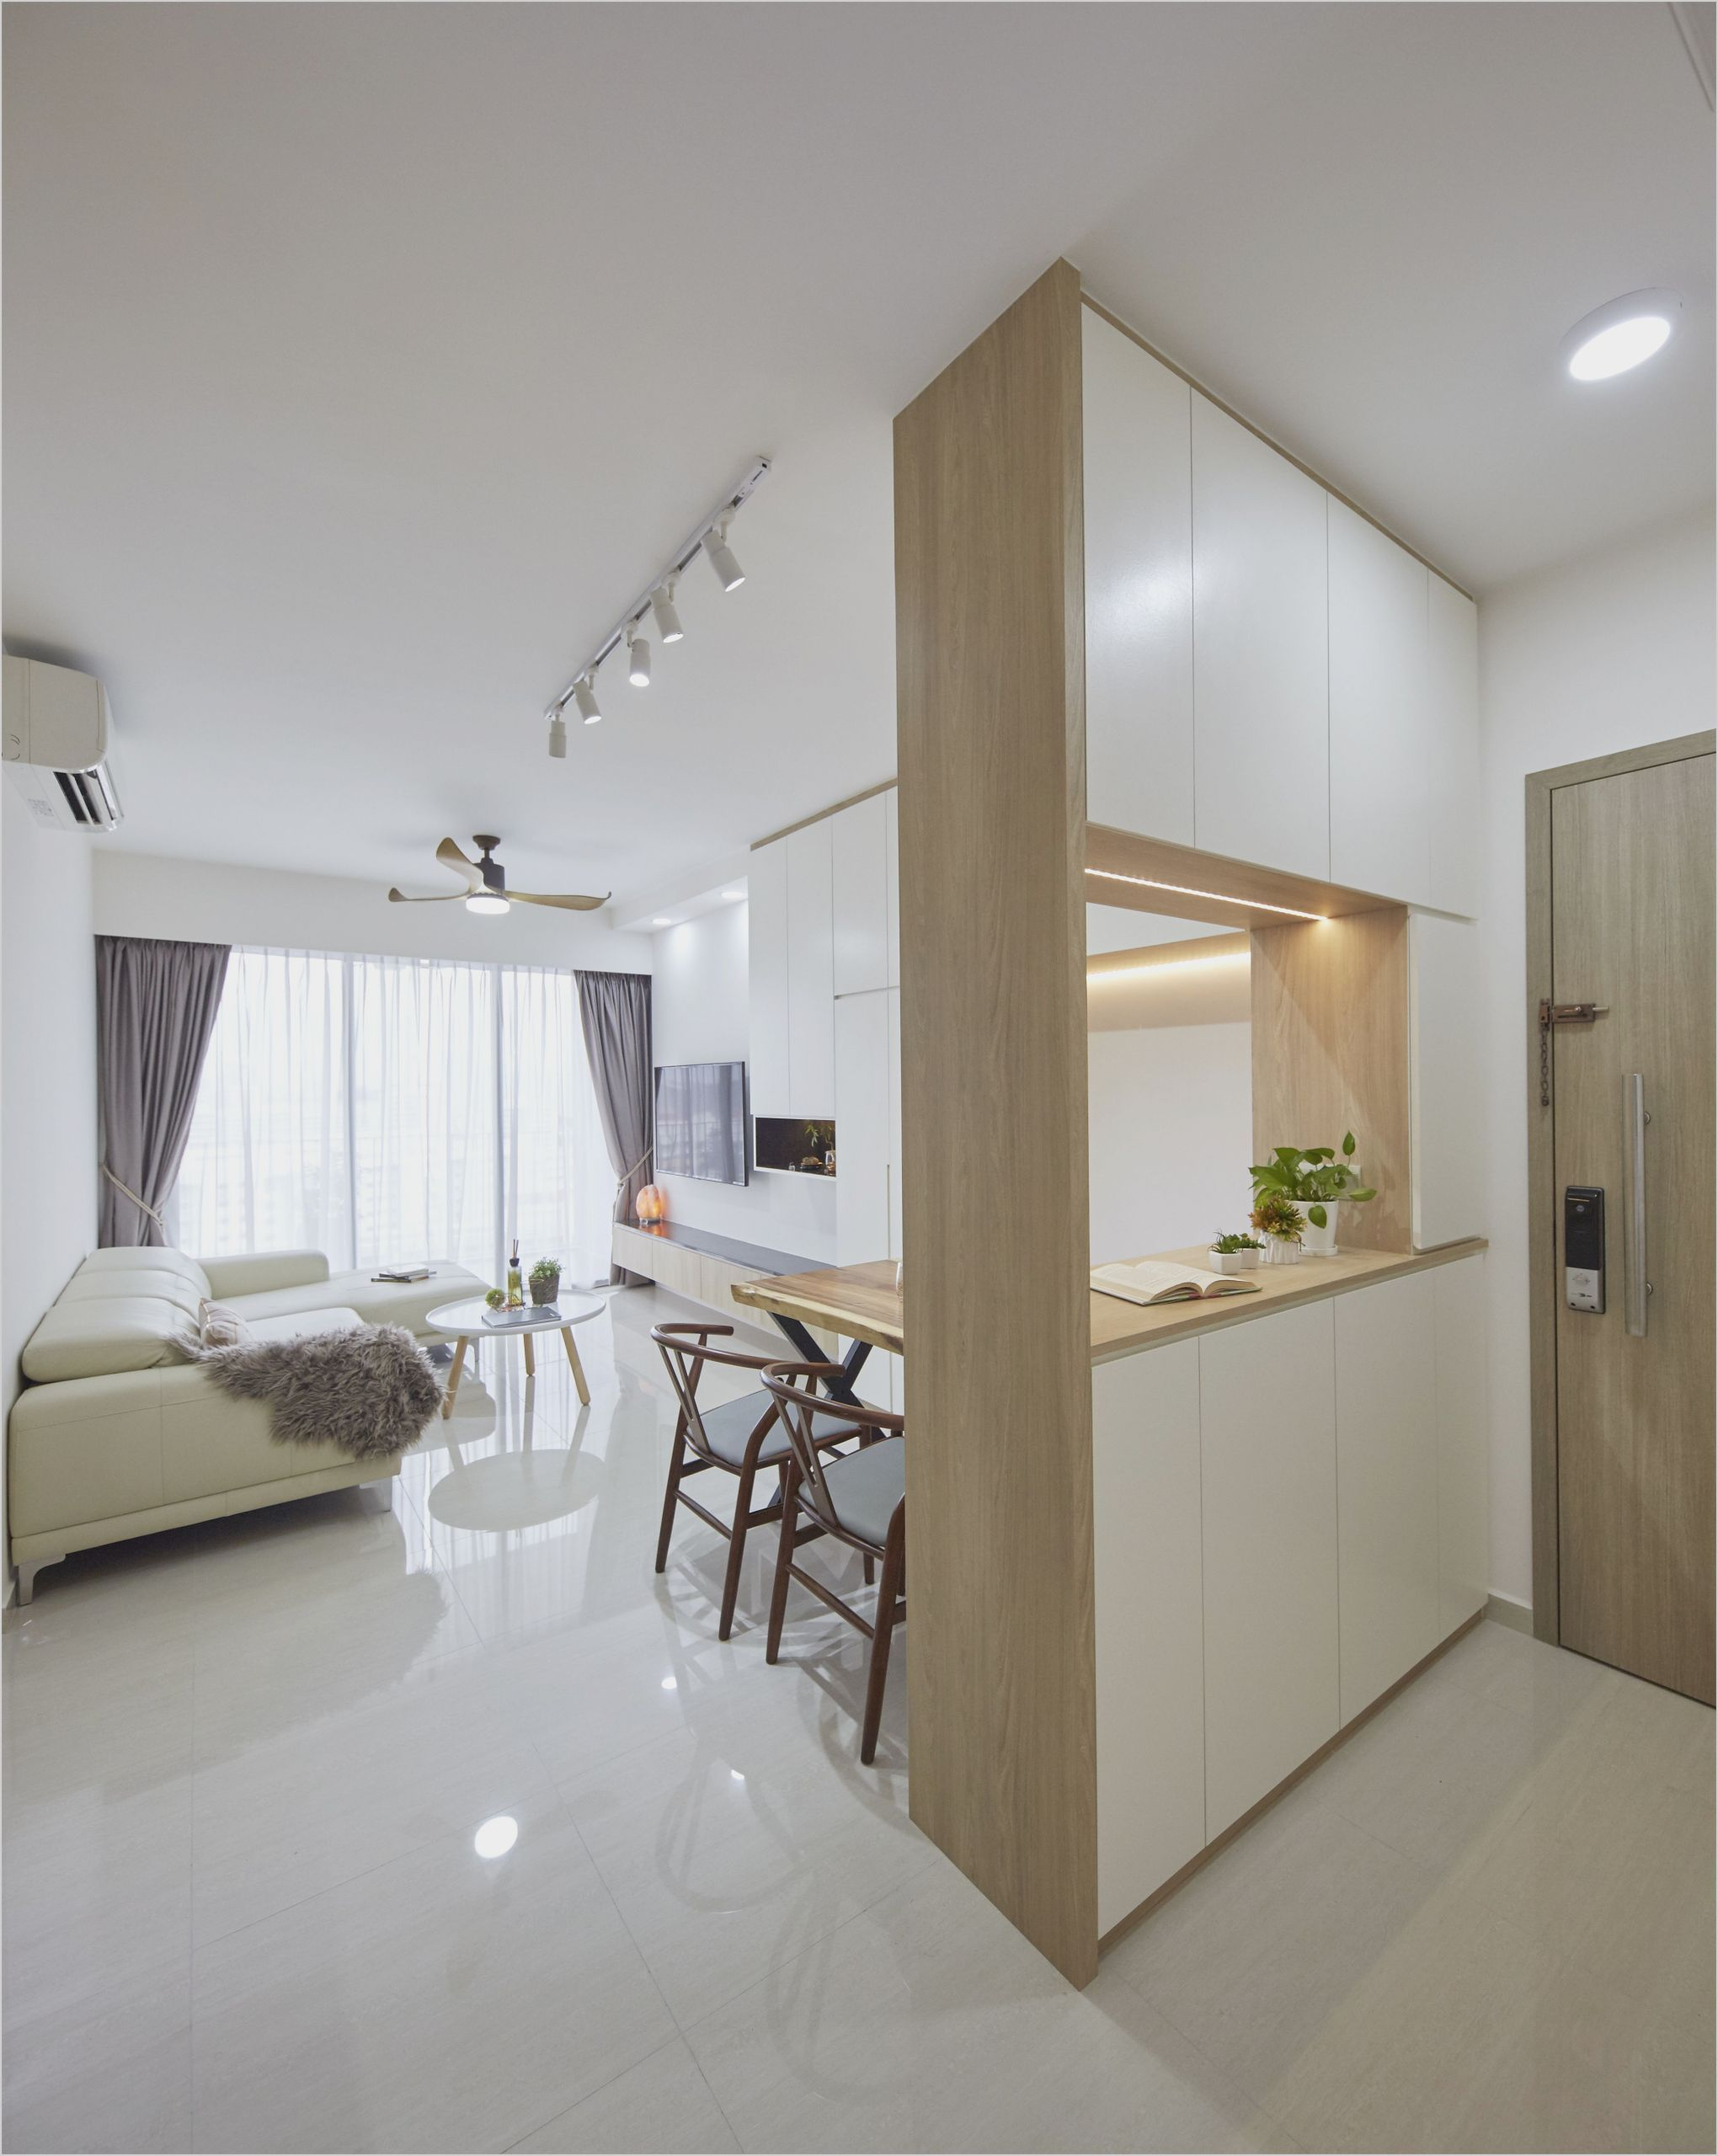 9 Bedroom Condo Unit Interior Design in 9  Condominium